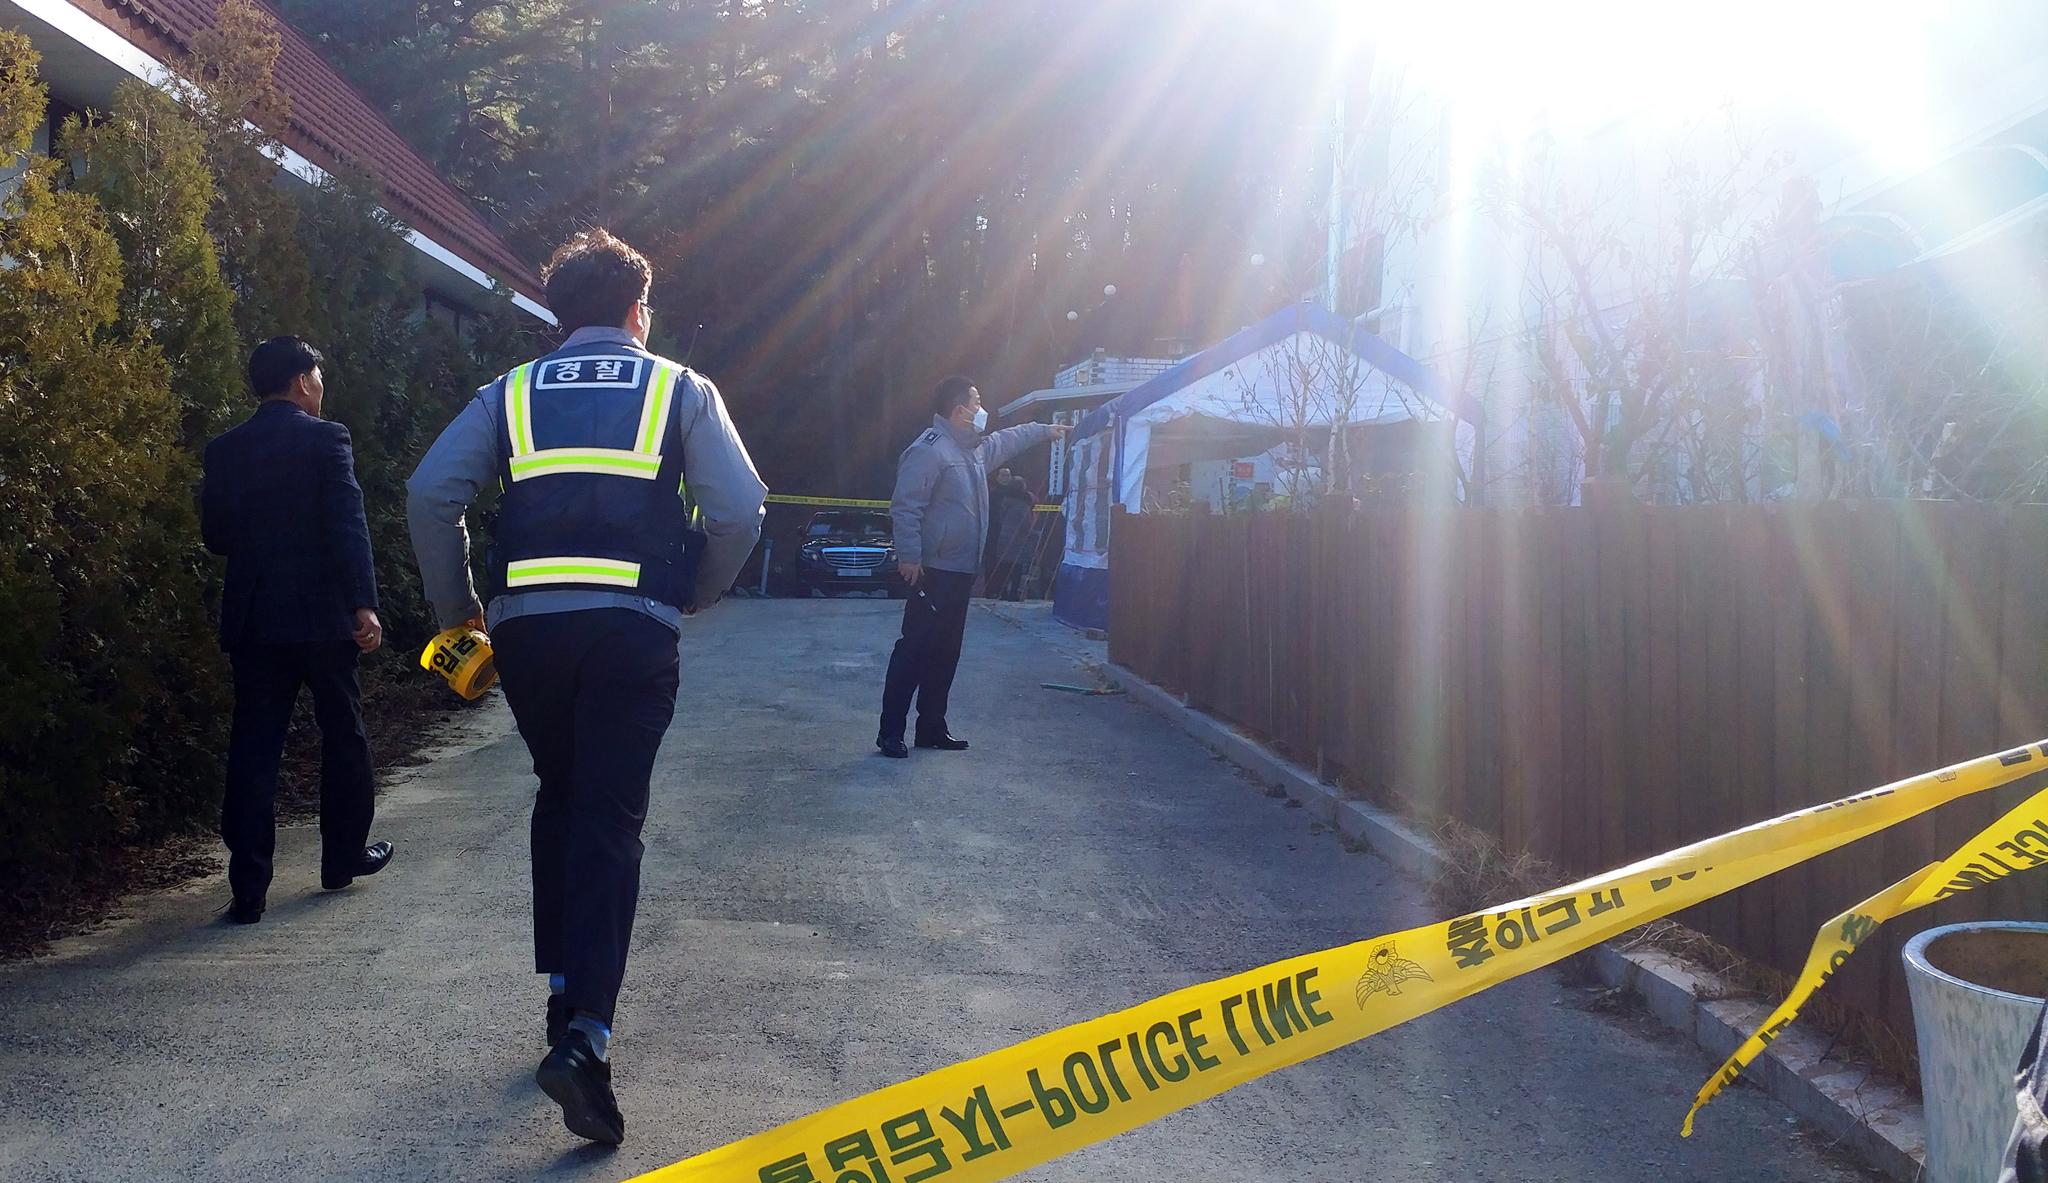 18일 오후 강원 강릉시 경포의 한 펜션에서 학생 10명 가운데 4명이 숨진 사고가 발생하자 경찰이 입구를 통제하고 조사를 하고 있다. [연합뉴스]